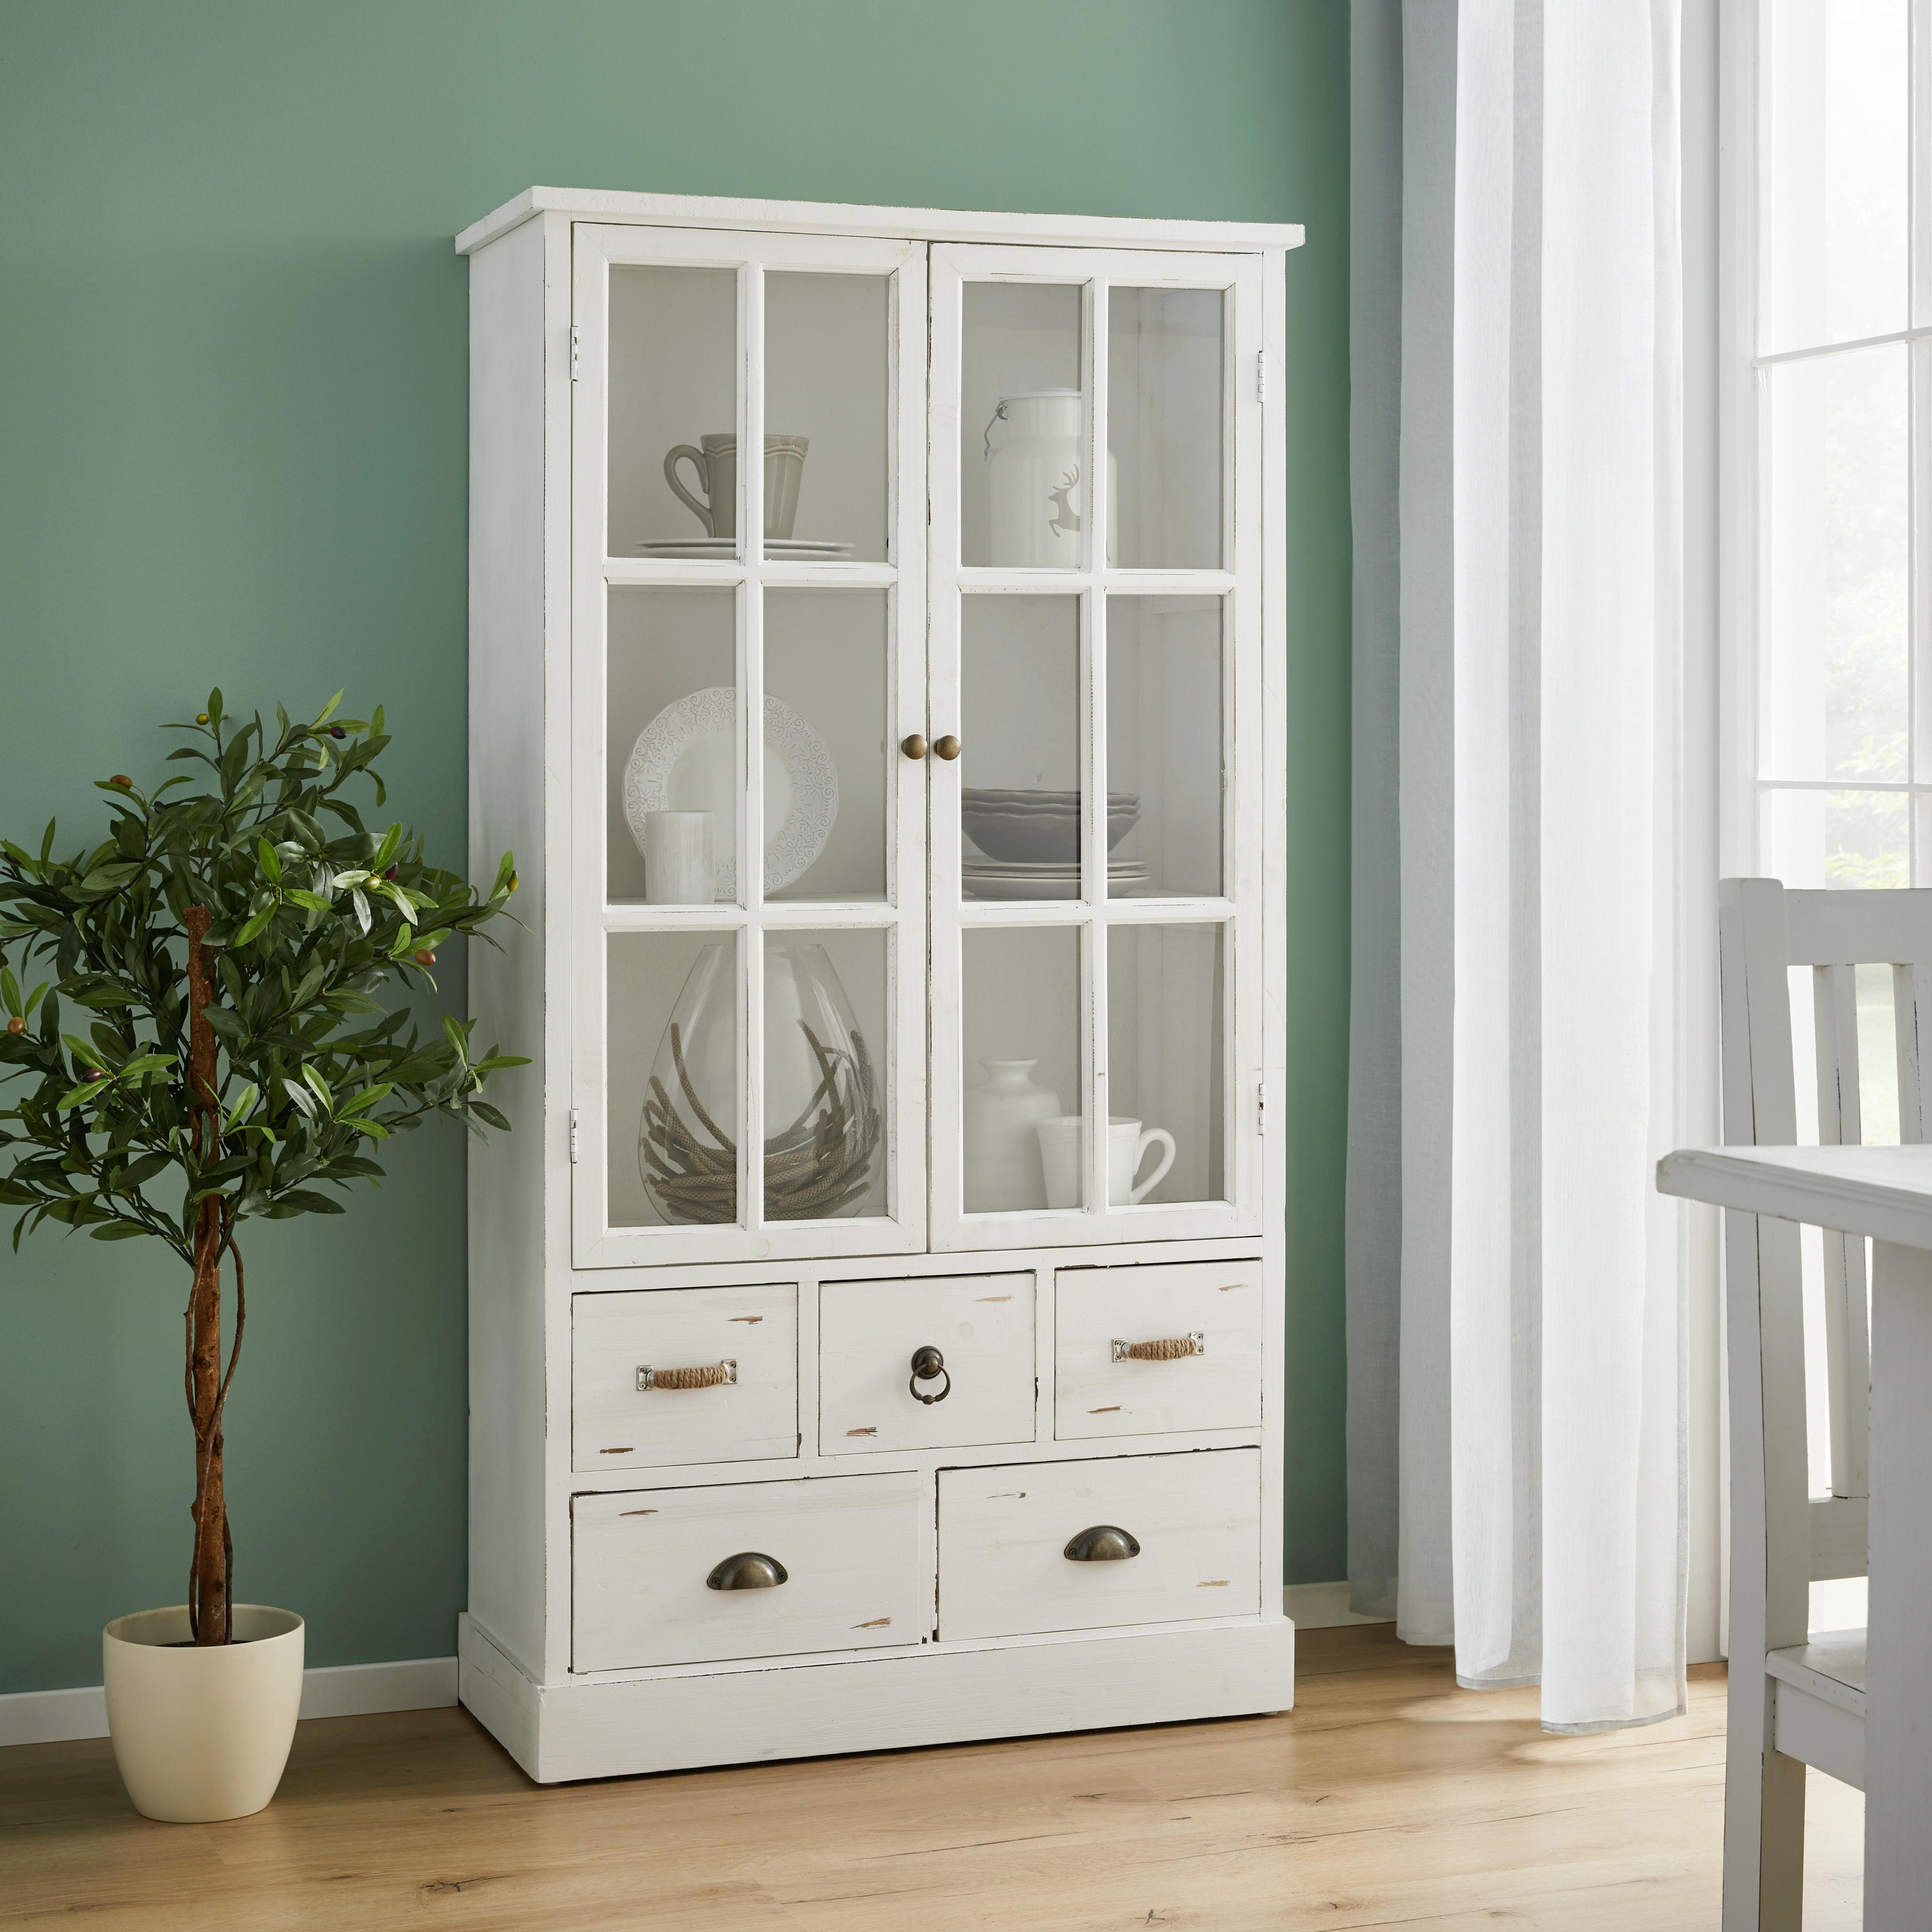 Beliebt Vintage Möbel Mömax | Kaminumrandung In Vintage Weiß Von Mömax Ansehen NN21